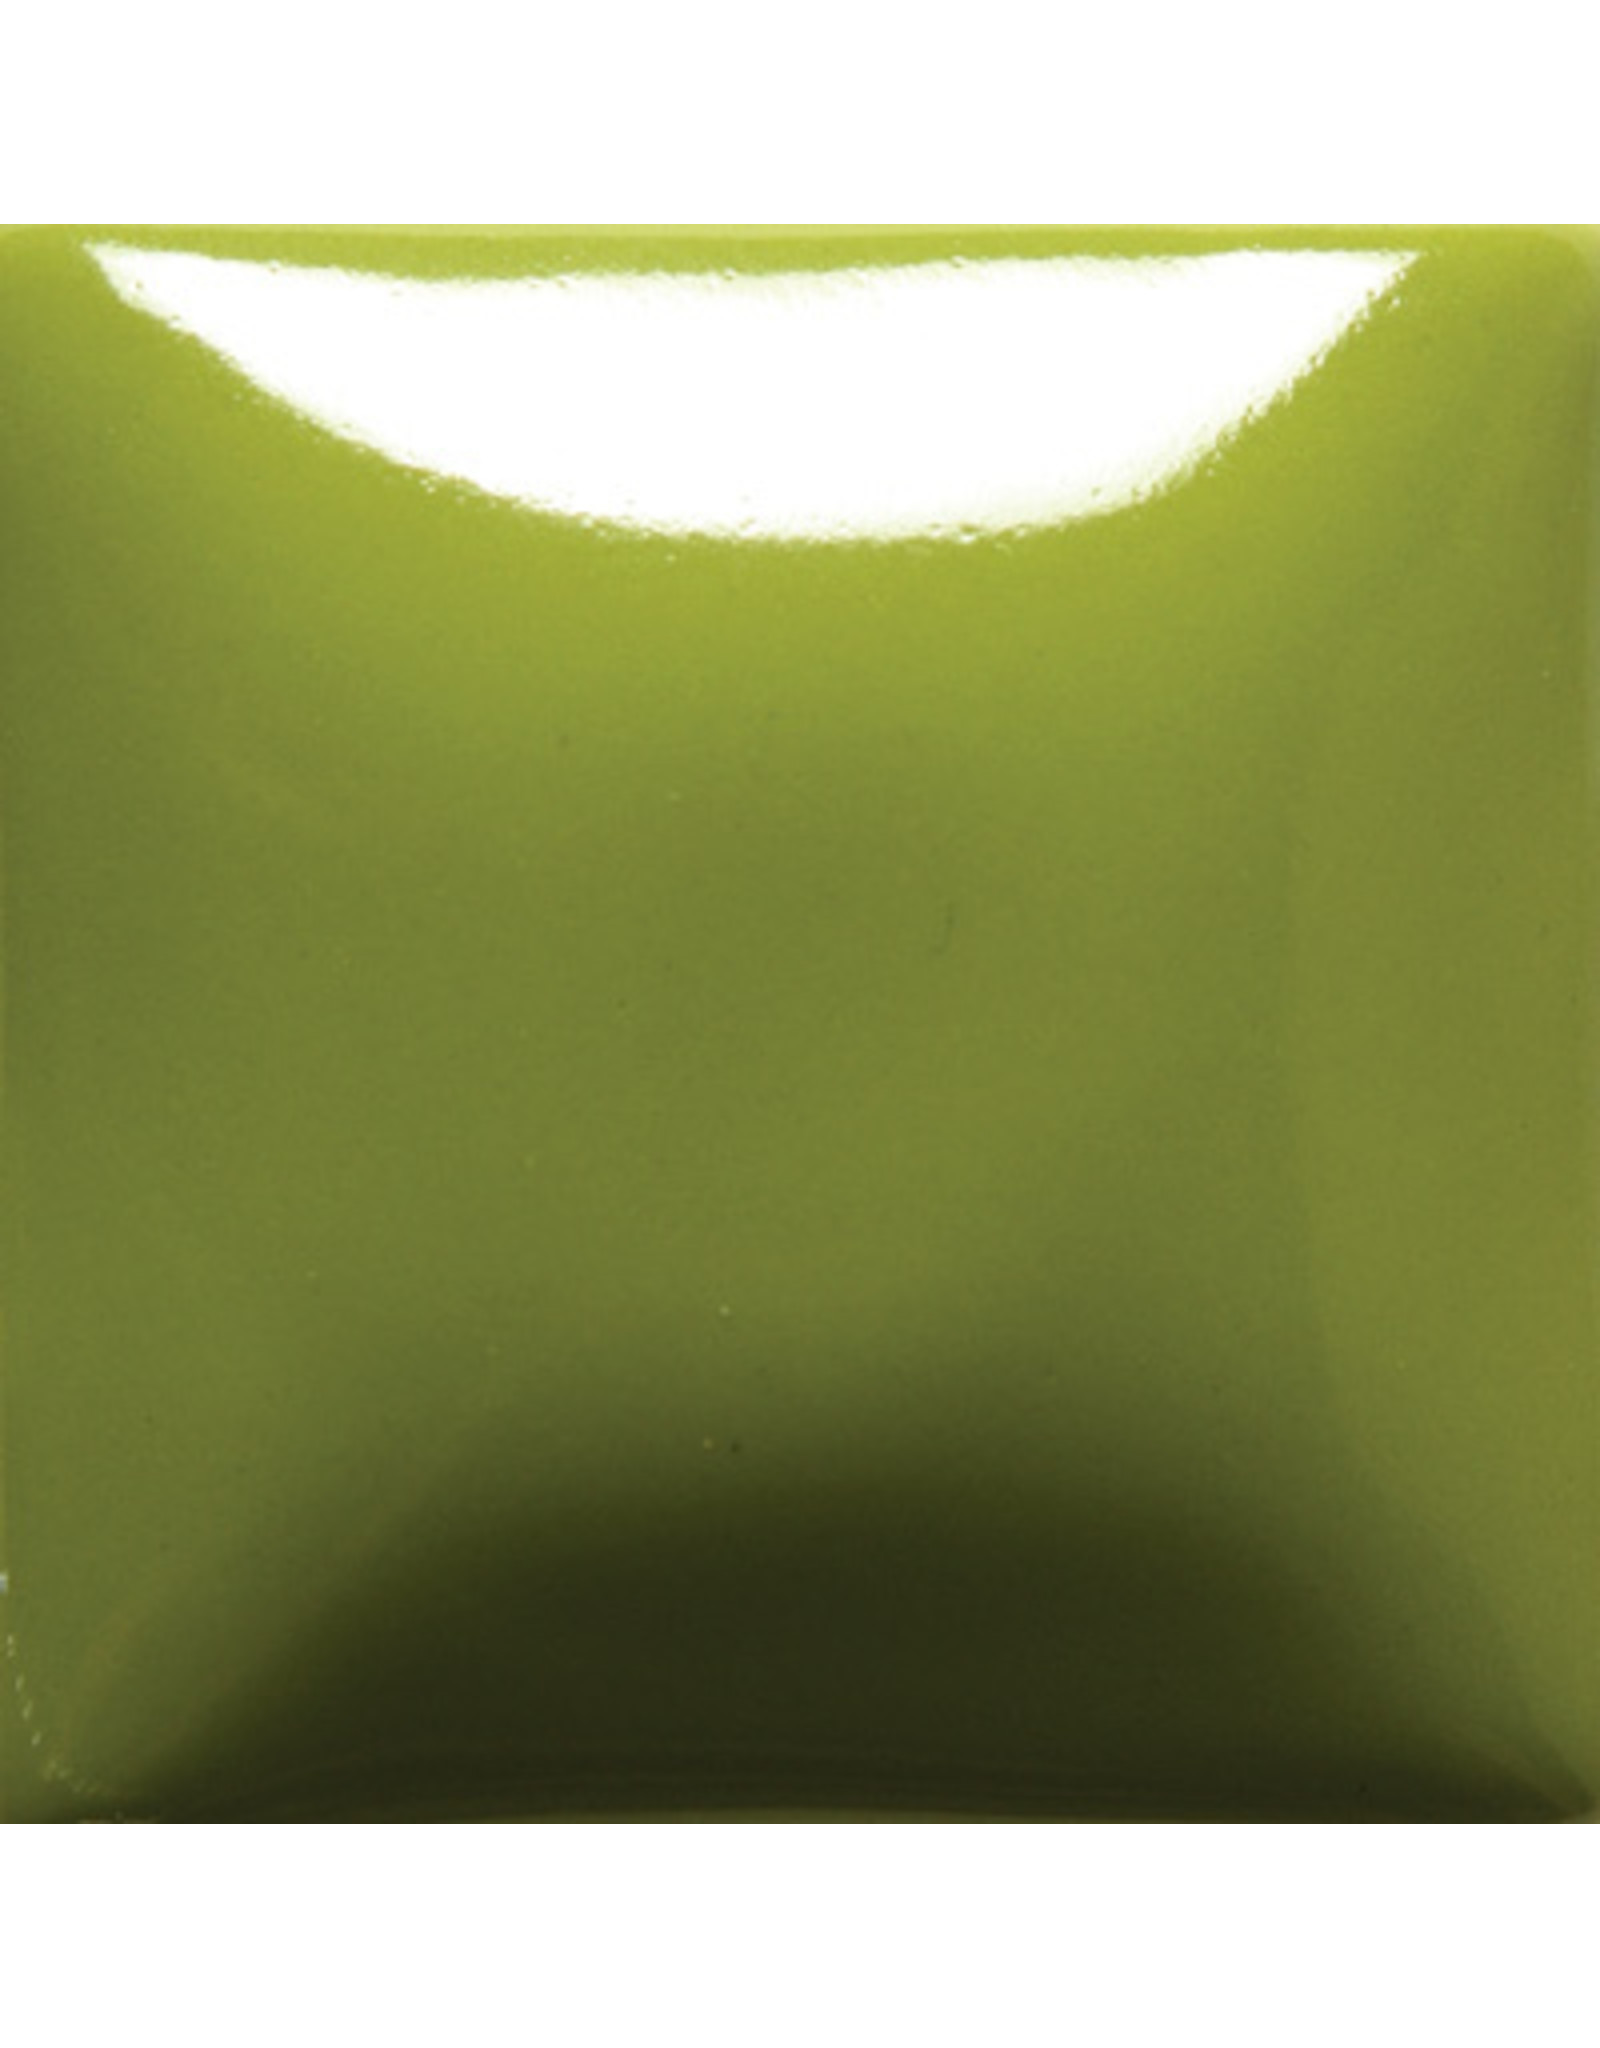 Mayco Mayco Foundations Green - 118ml